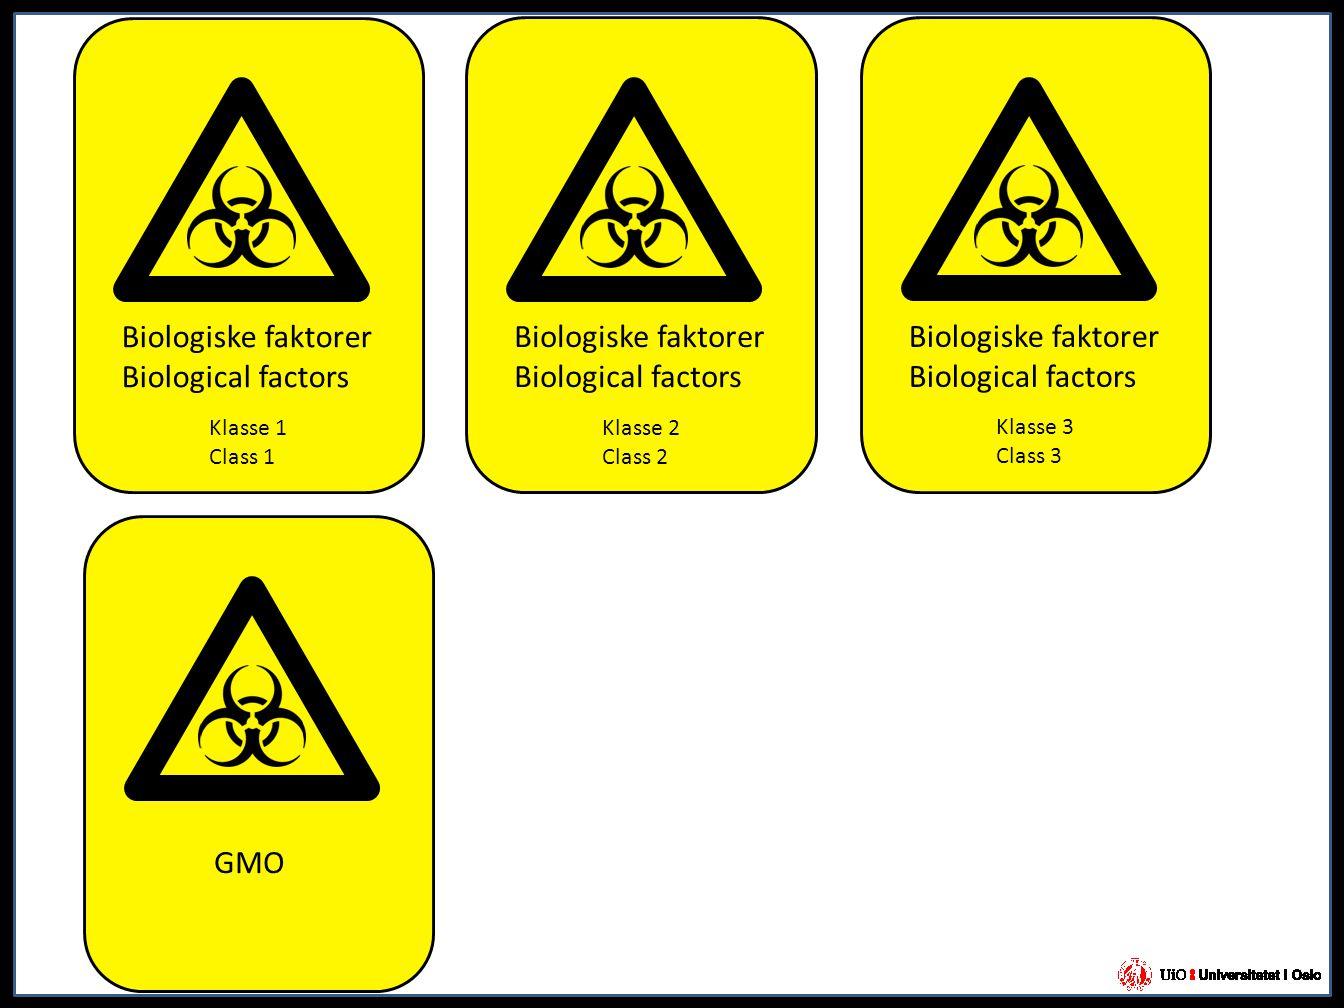 Biologiske faktorer Biological factors Klasse 1 Class 1 Biologiske faktorer Biological factors Klasse 2 Class 2 Biologiske faktorer Biological factors